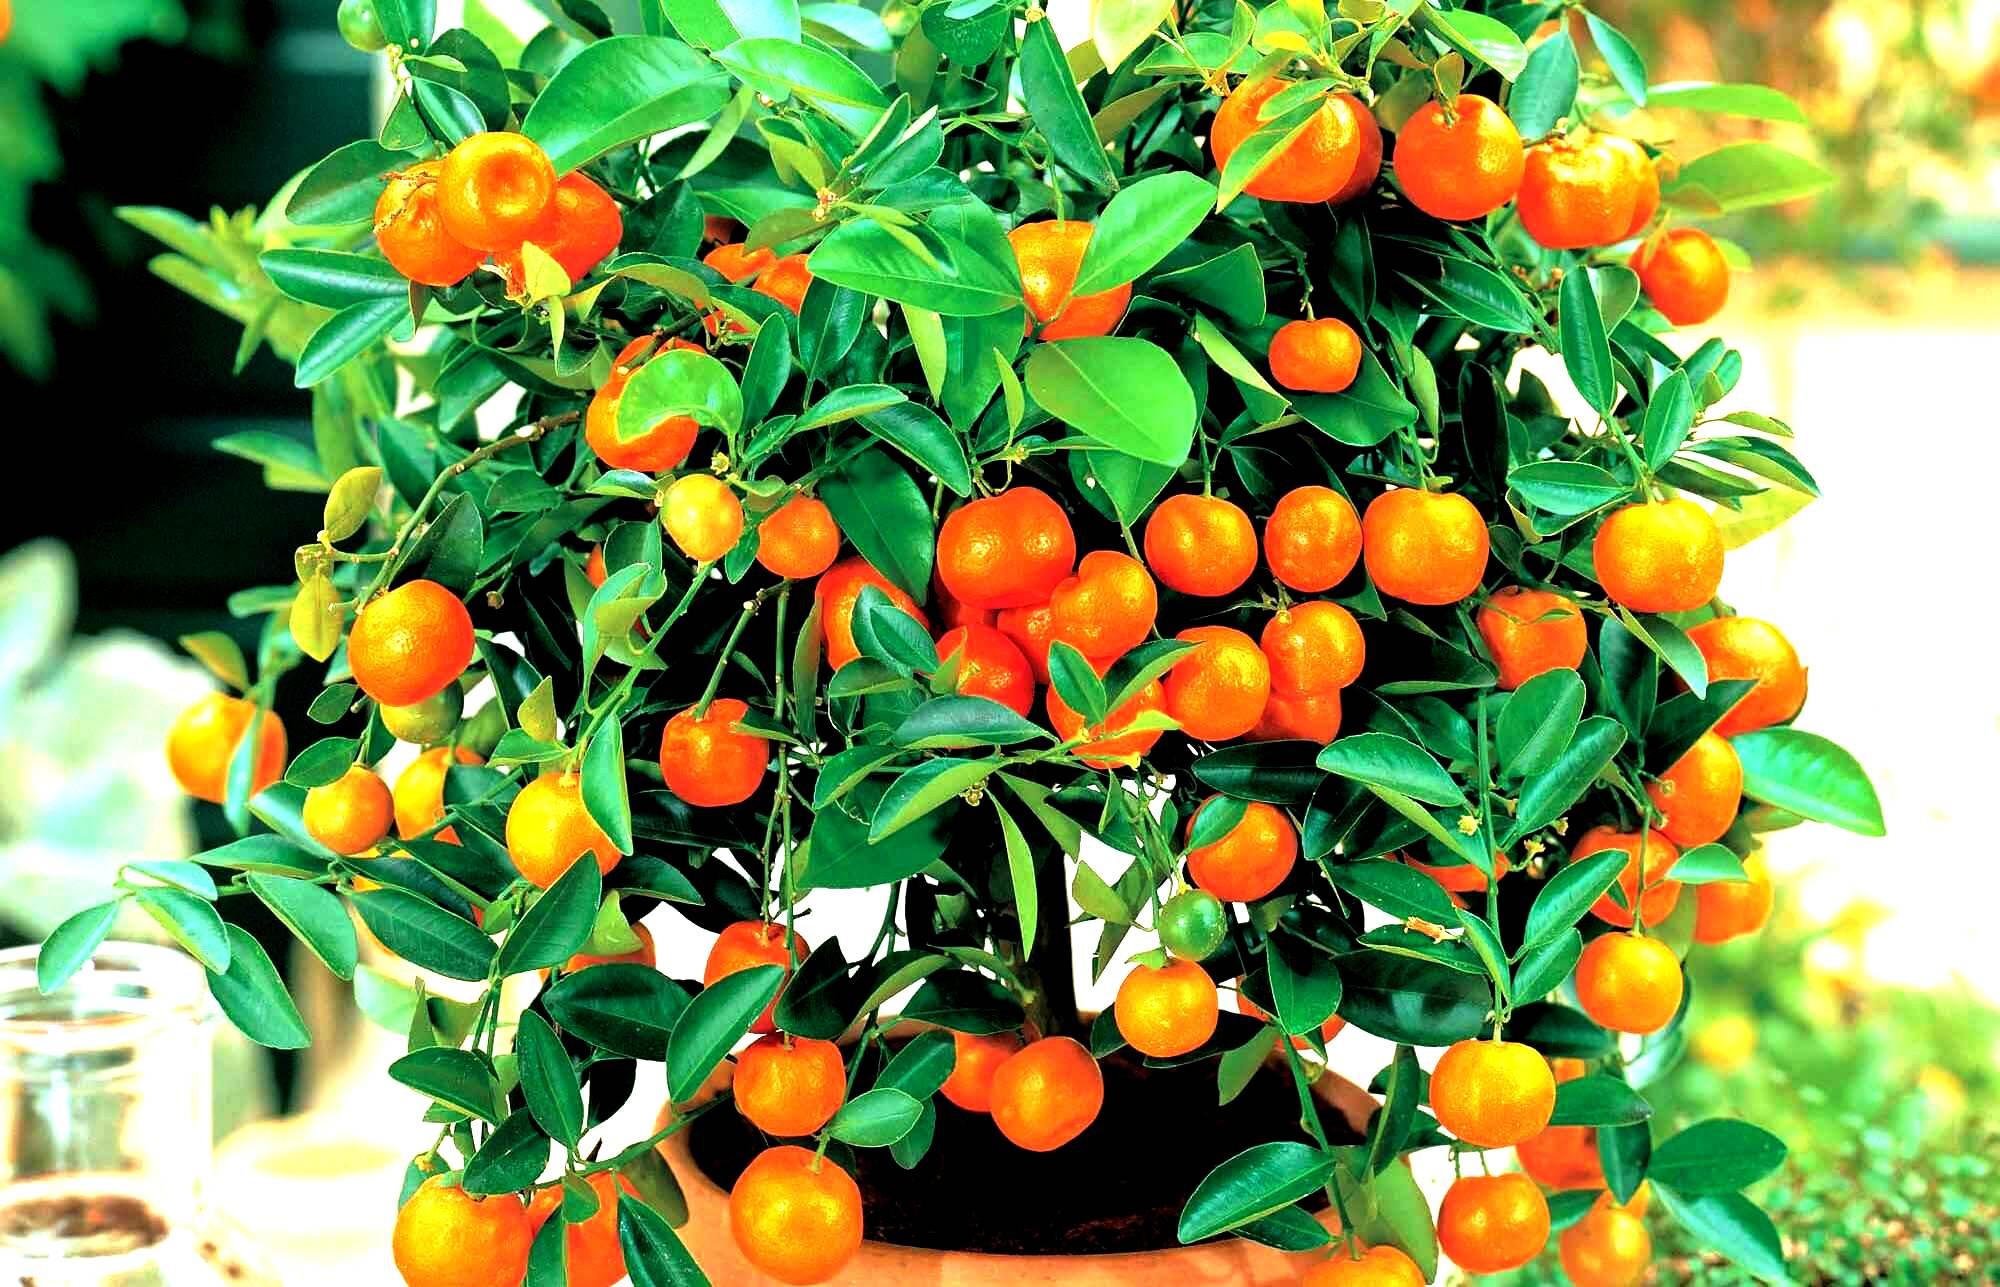 купить удобрение ургаса эмикс компании Арго для выращивания хорошего урожая